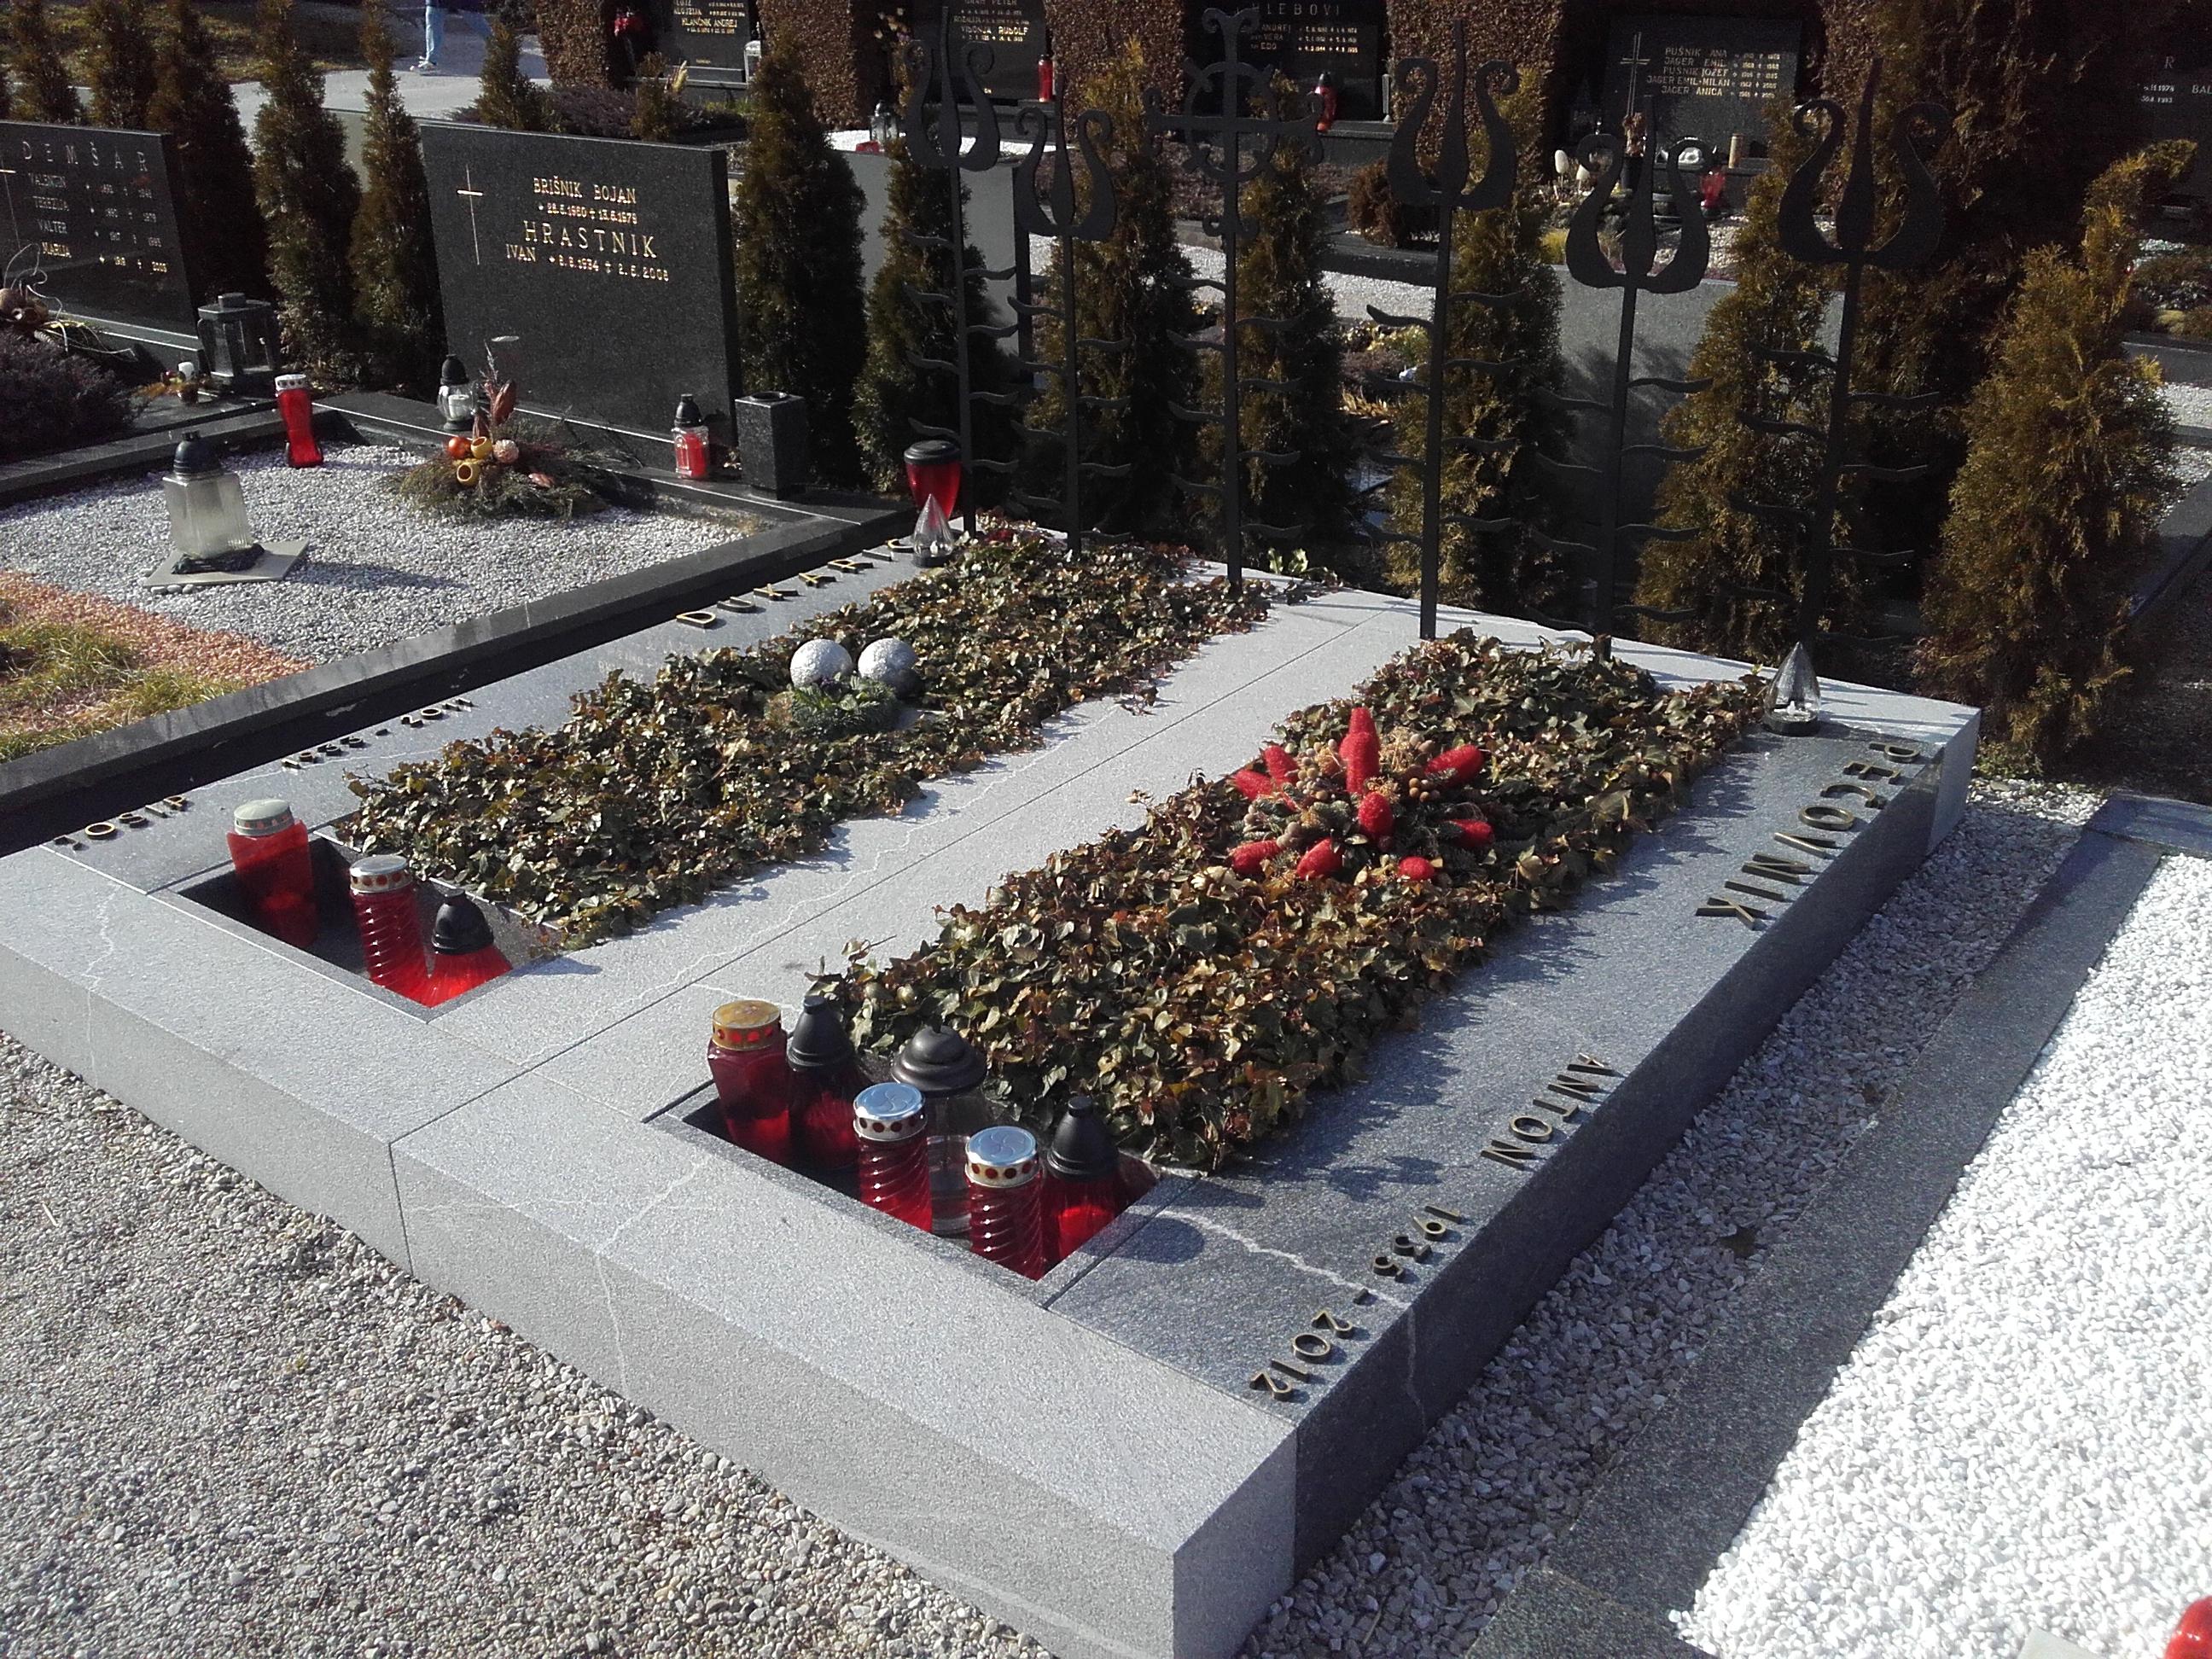 Enojni nagrobnik 6